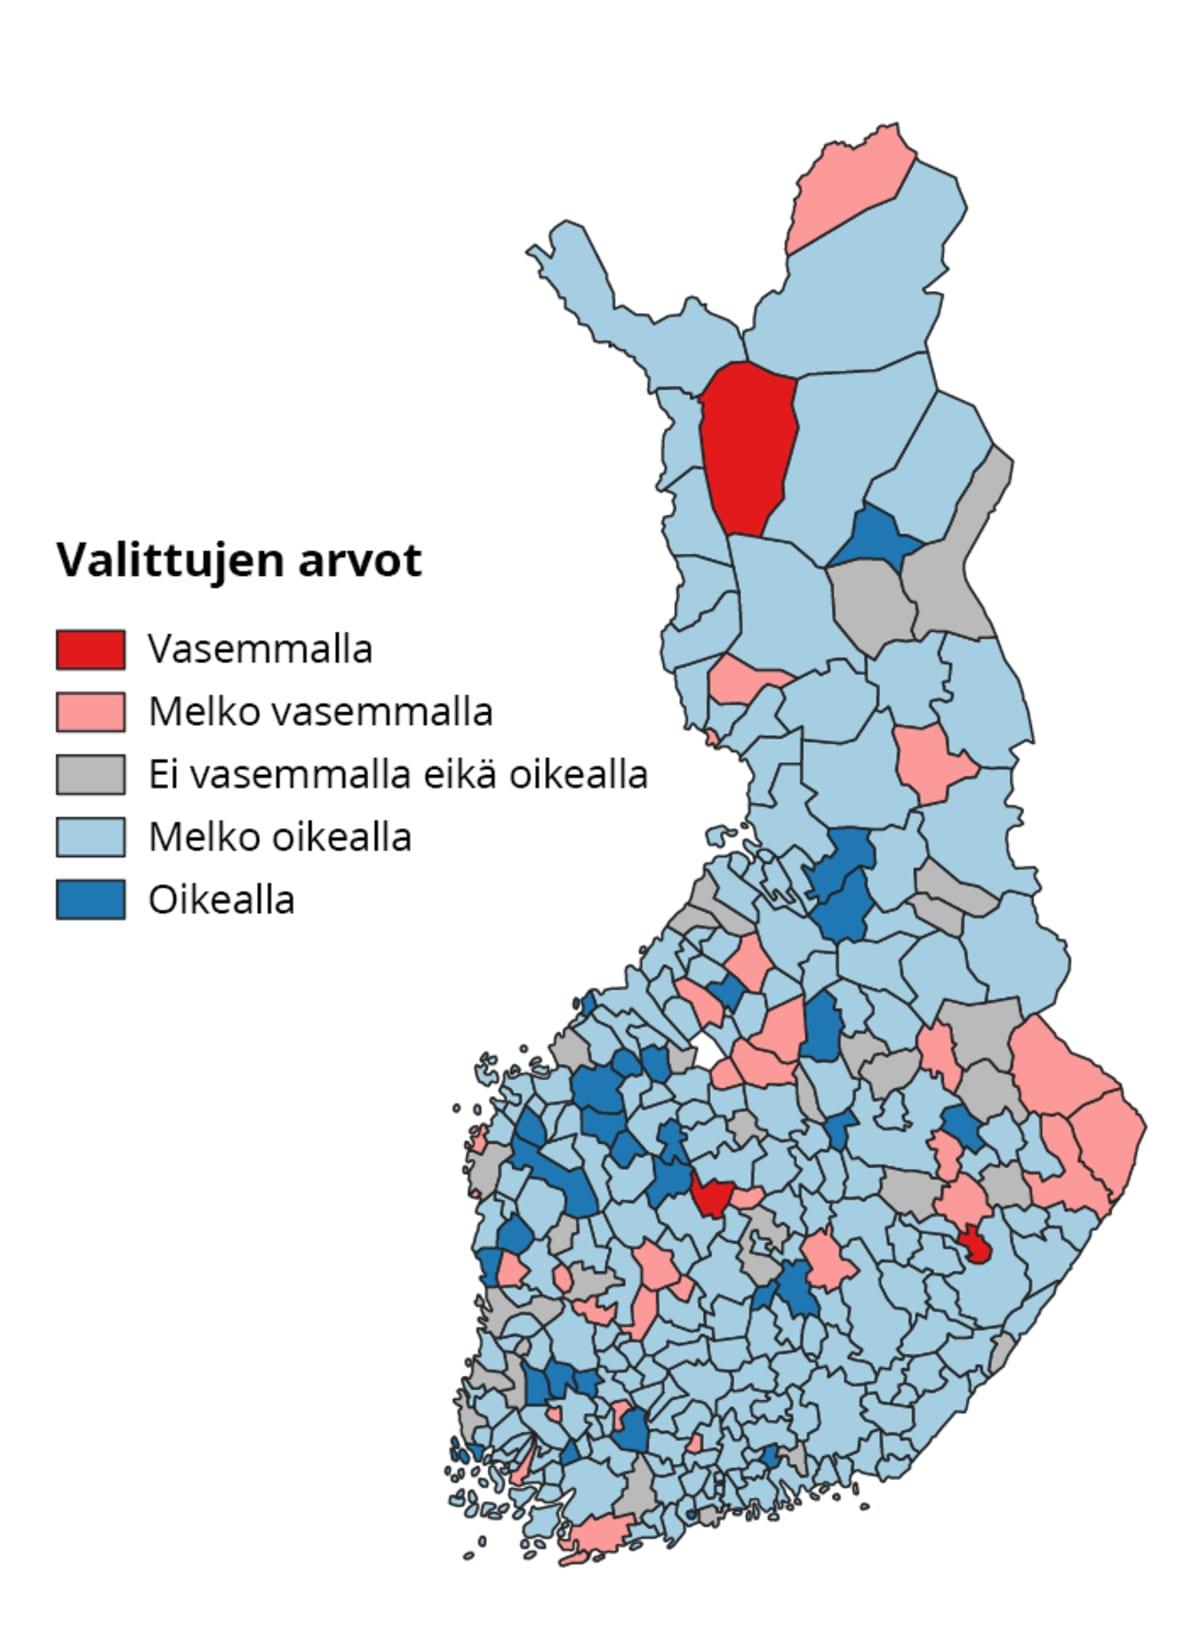 Kuntavaaleissa 2021 valittujen valtuustojen arvot kartalla.